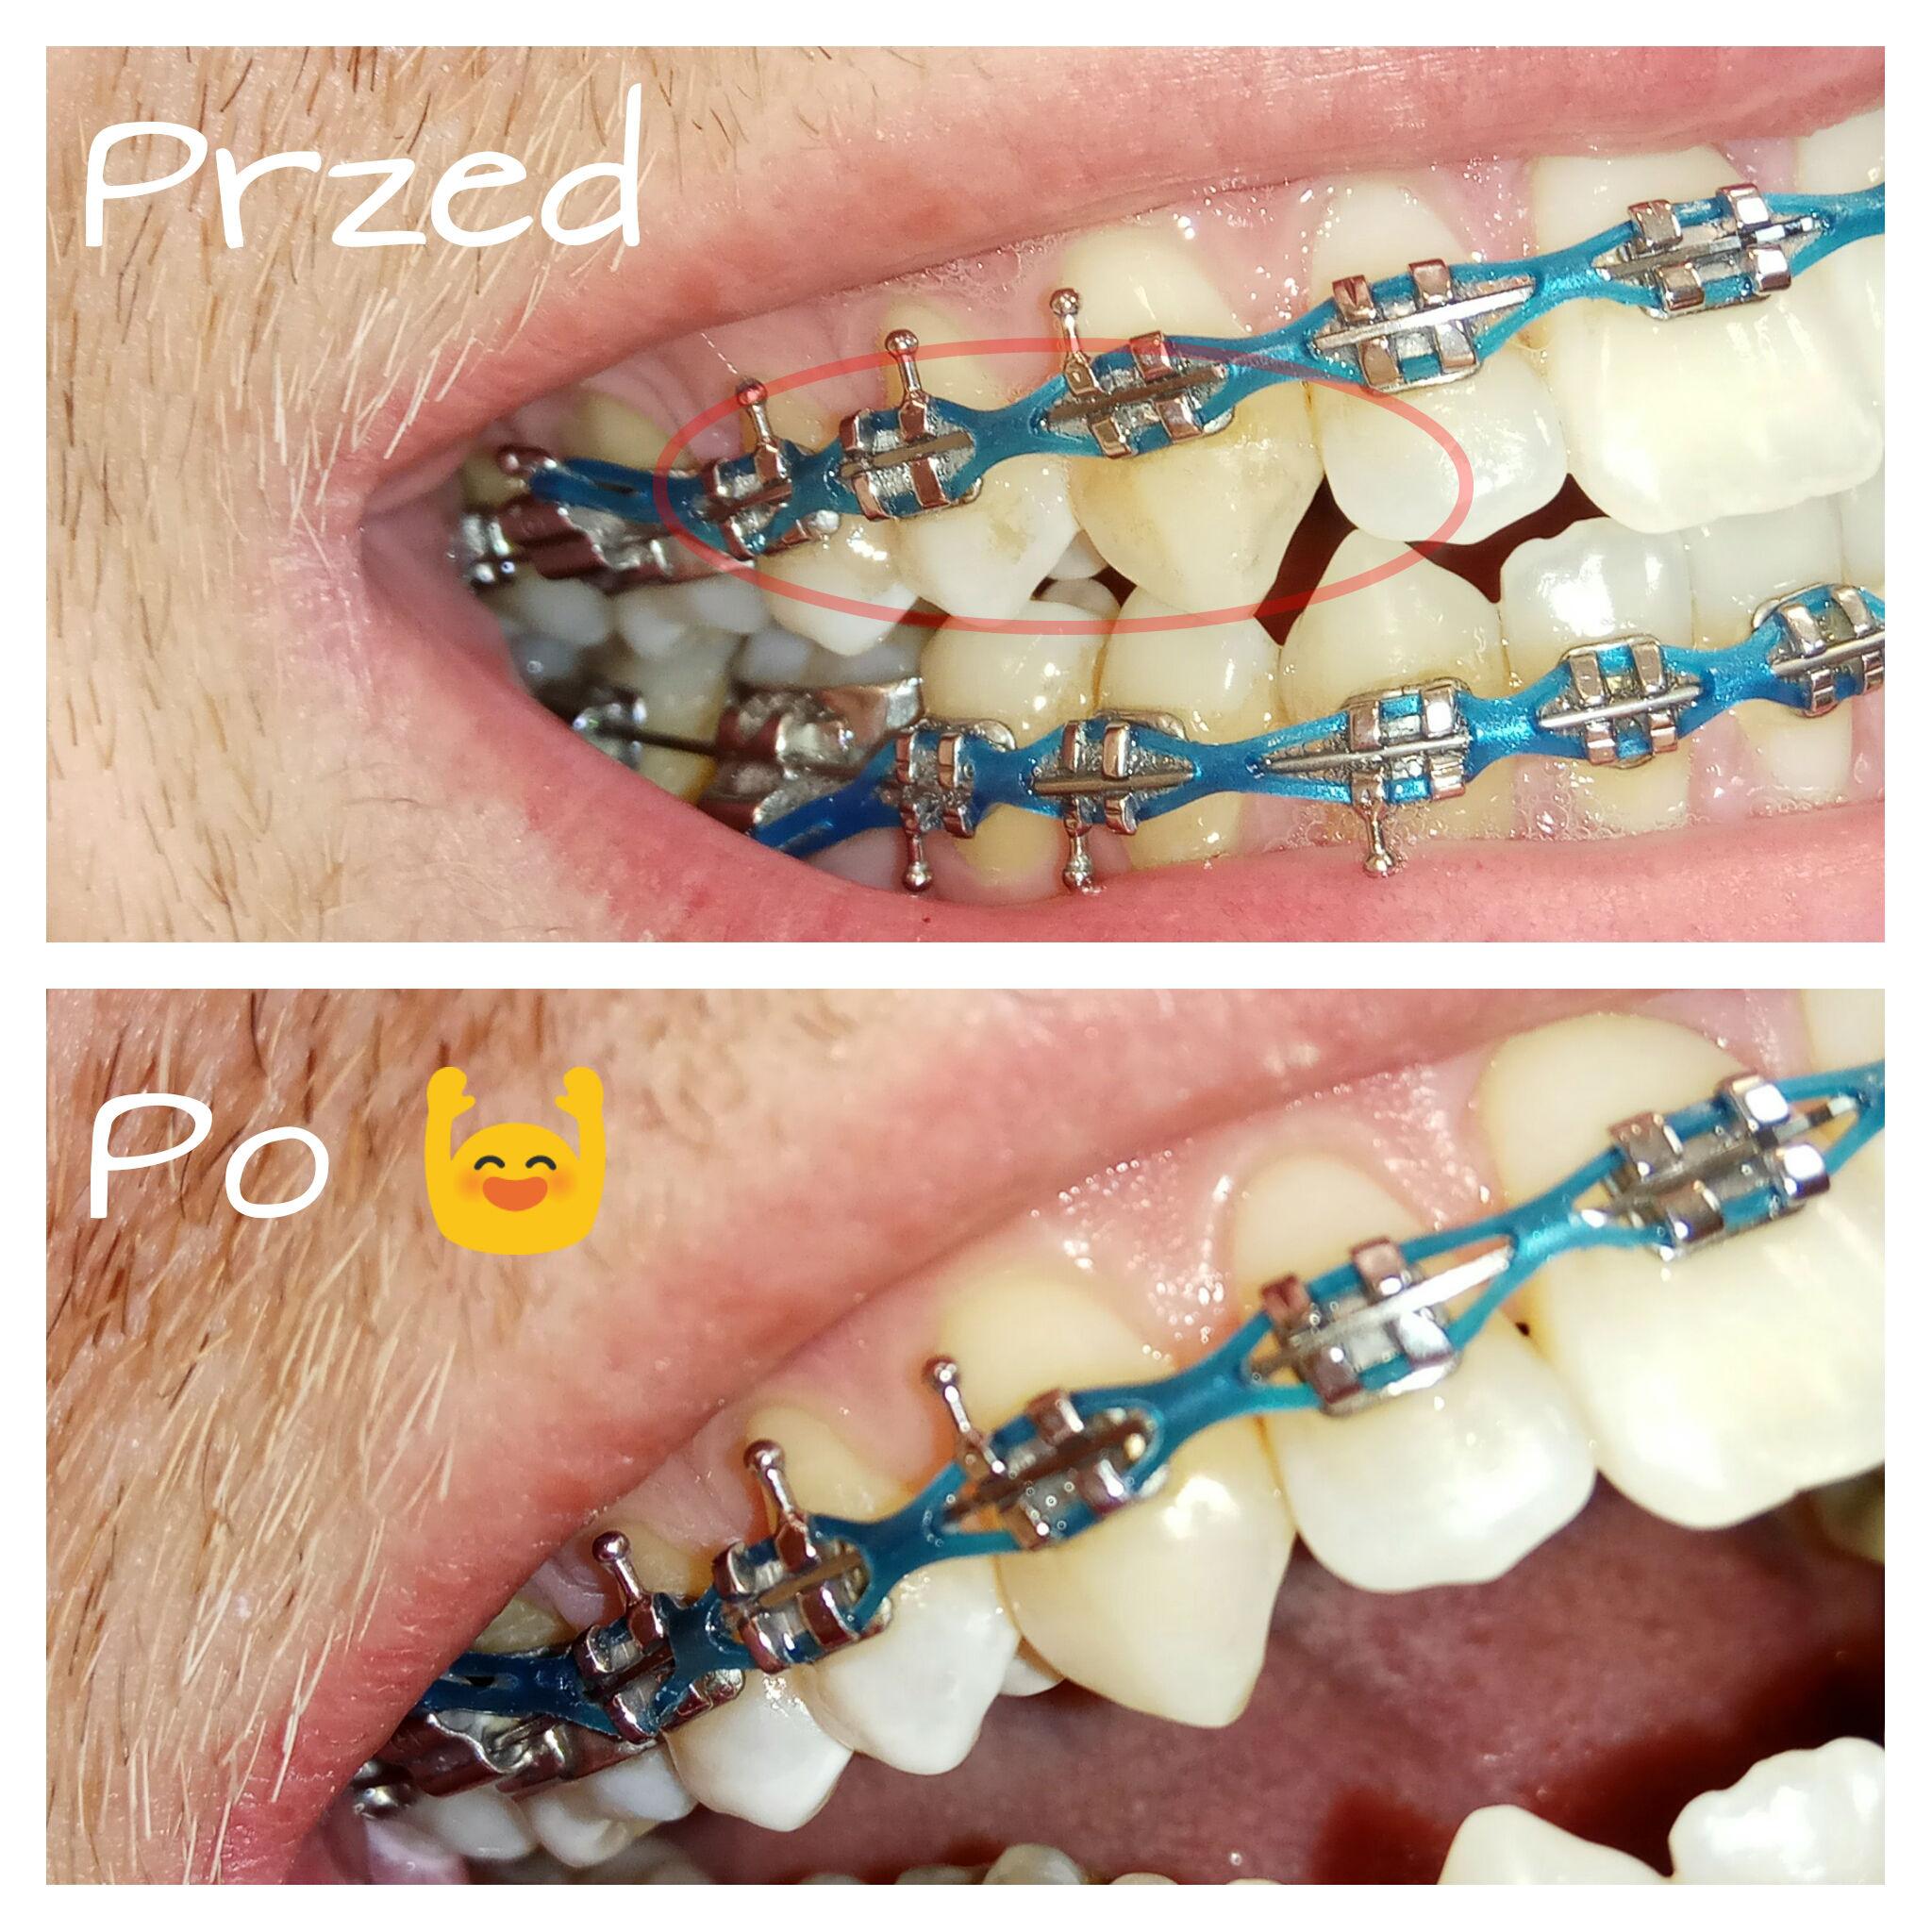 aparat ortodontyczny i osad, przed i po - zadrutowani